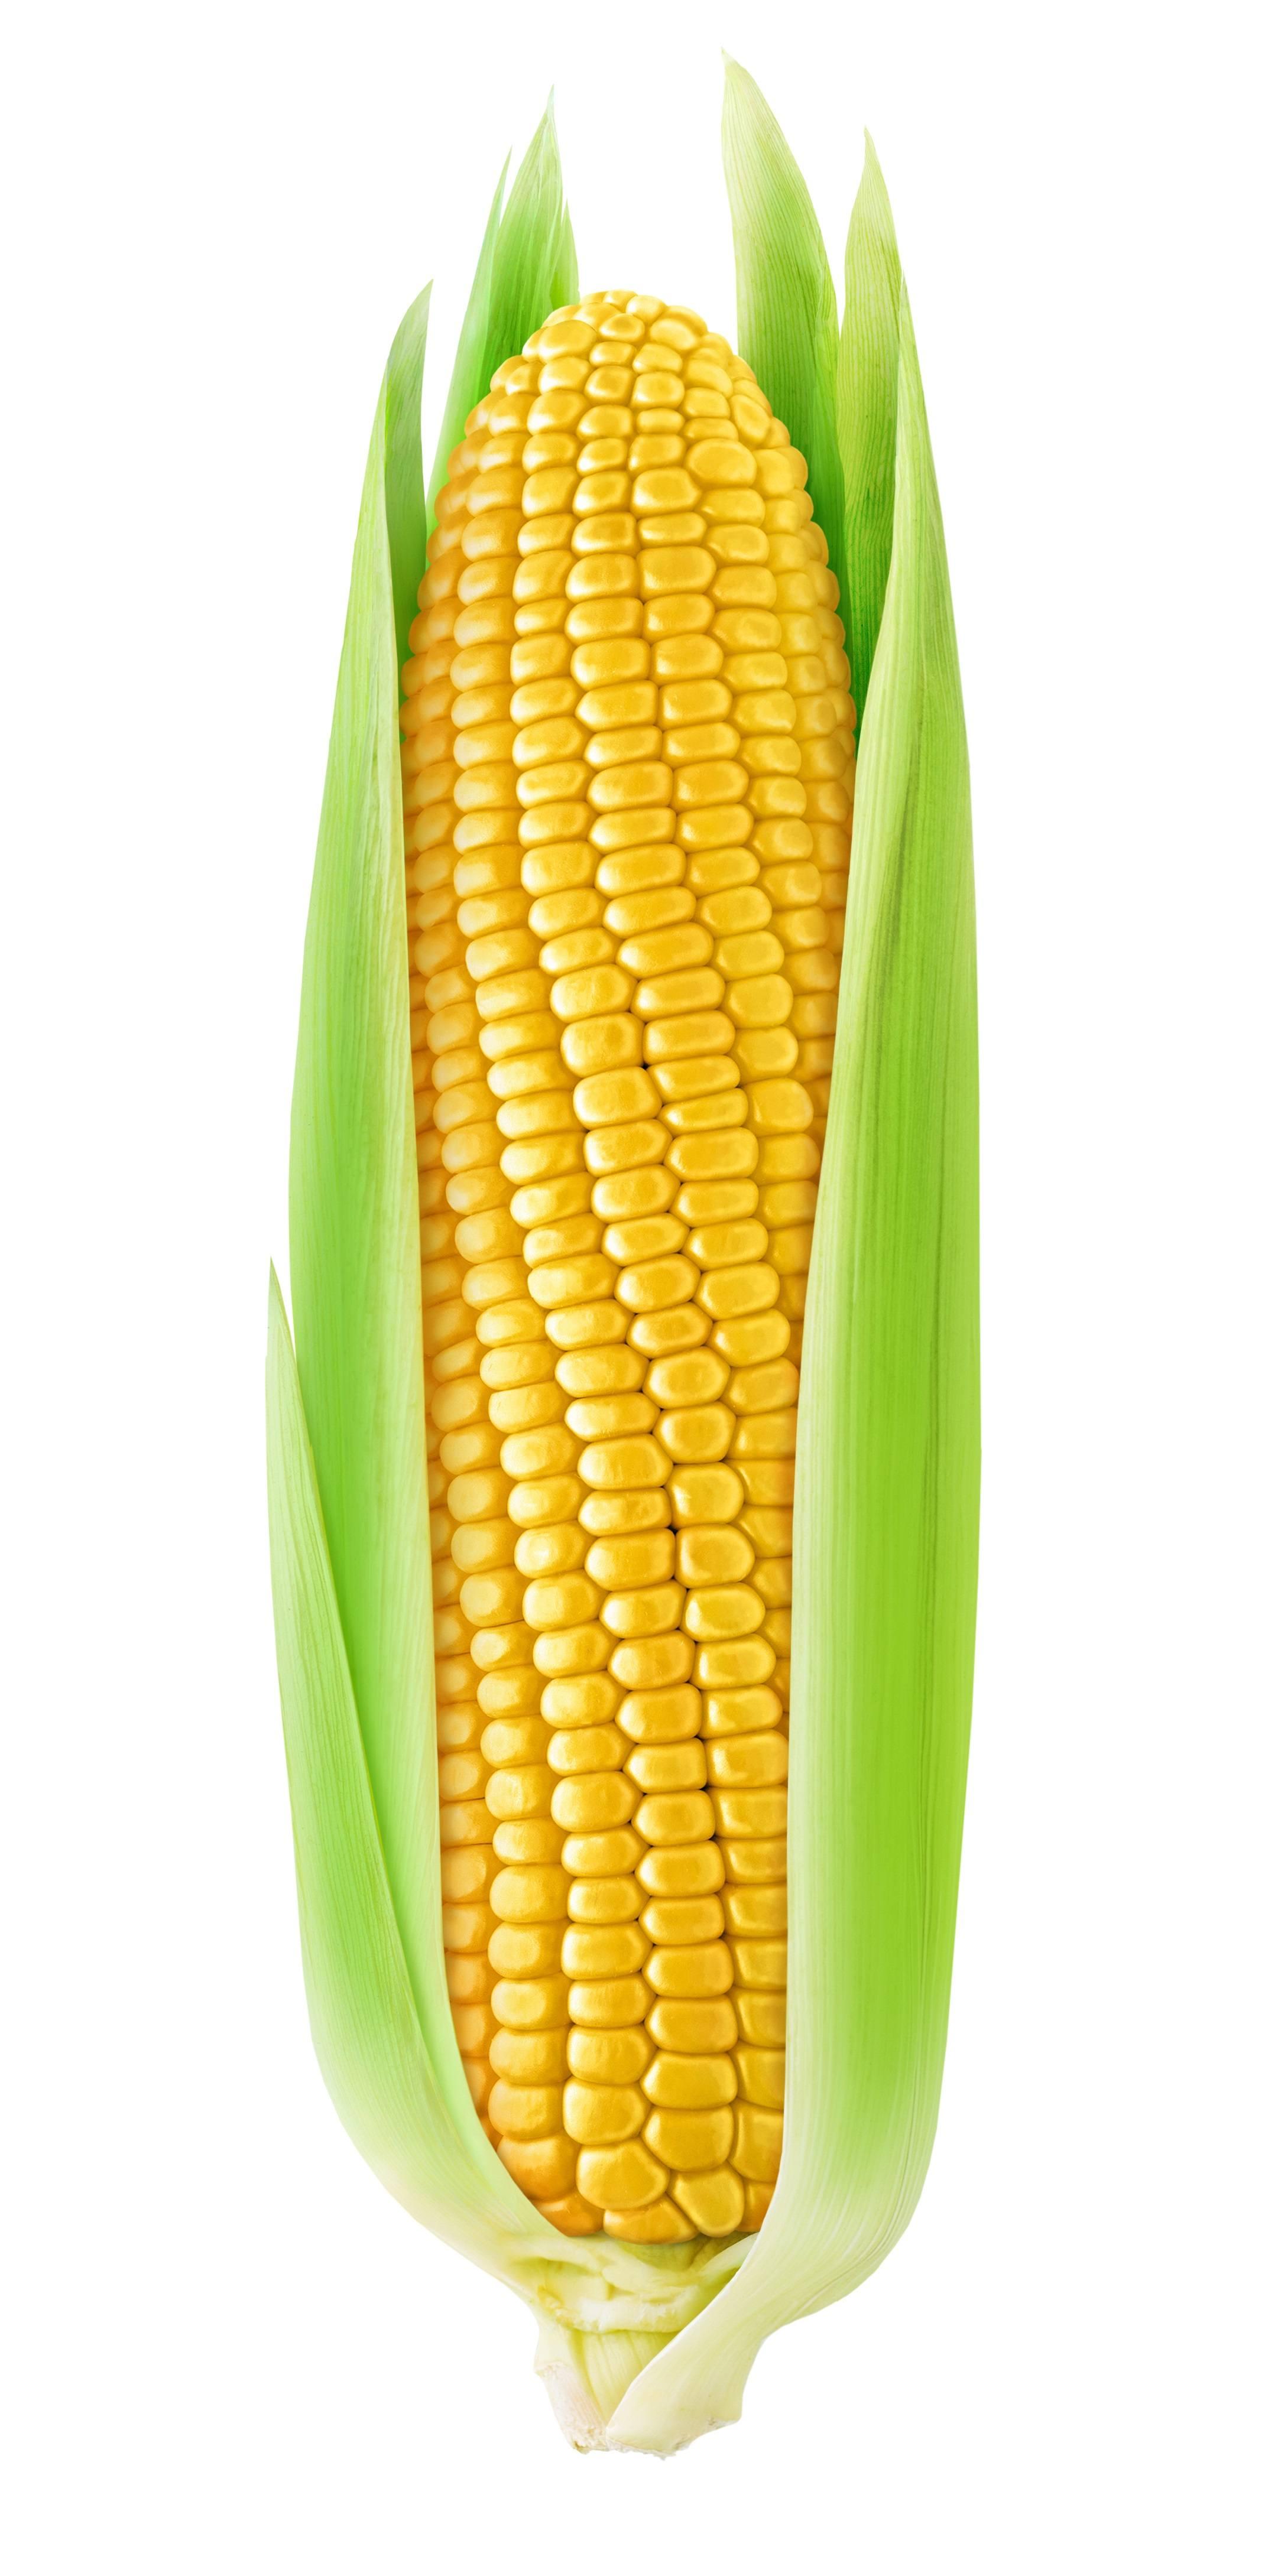 20 beneficios del maíz para la salud - ViviendoSanos.com